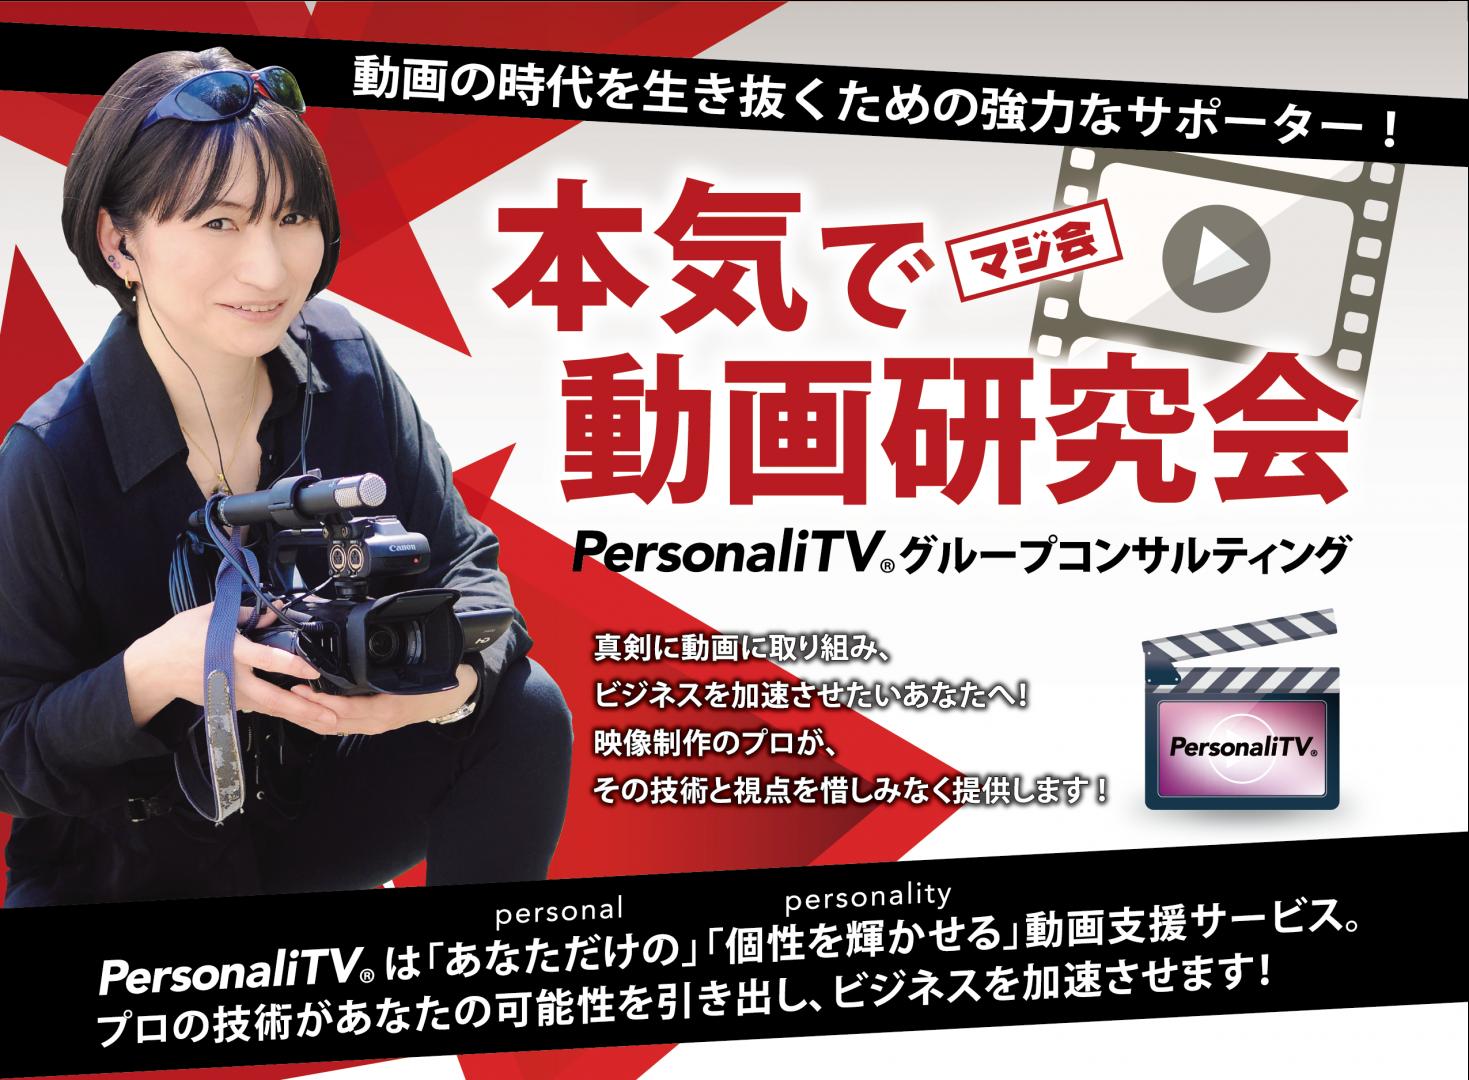 動画の時代を生き抜くための強力なサポーター!PersonaliTV®グループコンサルティング本気で動画研究会(マジ会) 真剣に動画に取り組み、ビジネスを加速させたいあなたへ!映像制作のプロが、その技術と視点を惜しみなく提供します!